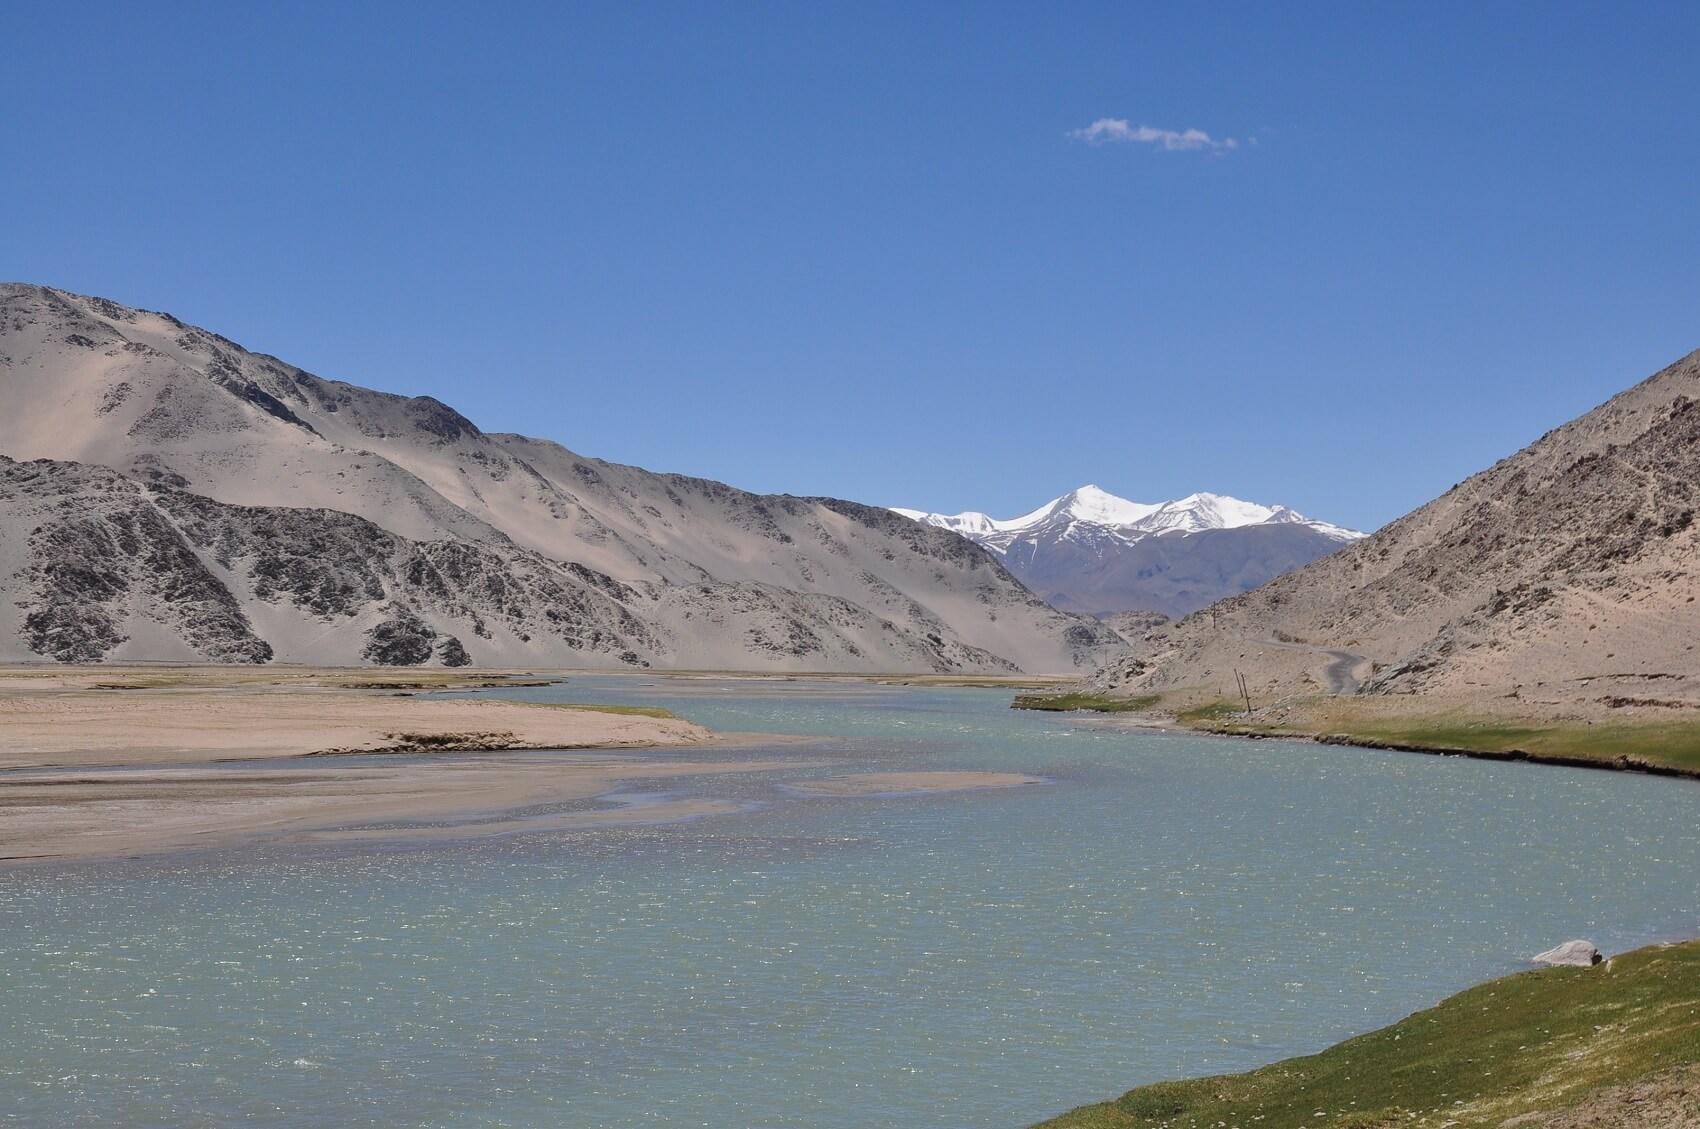 Fiume Indo in Ladakh, India